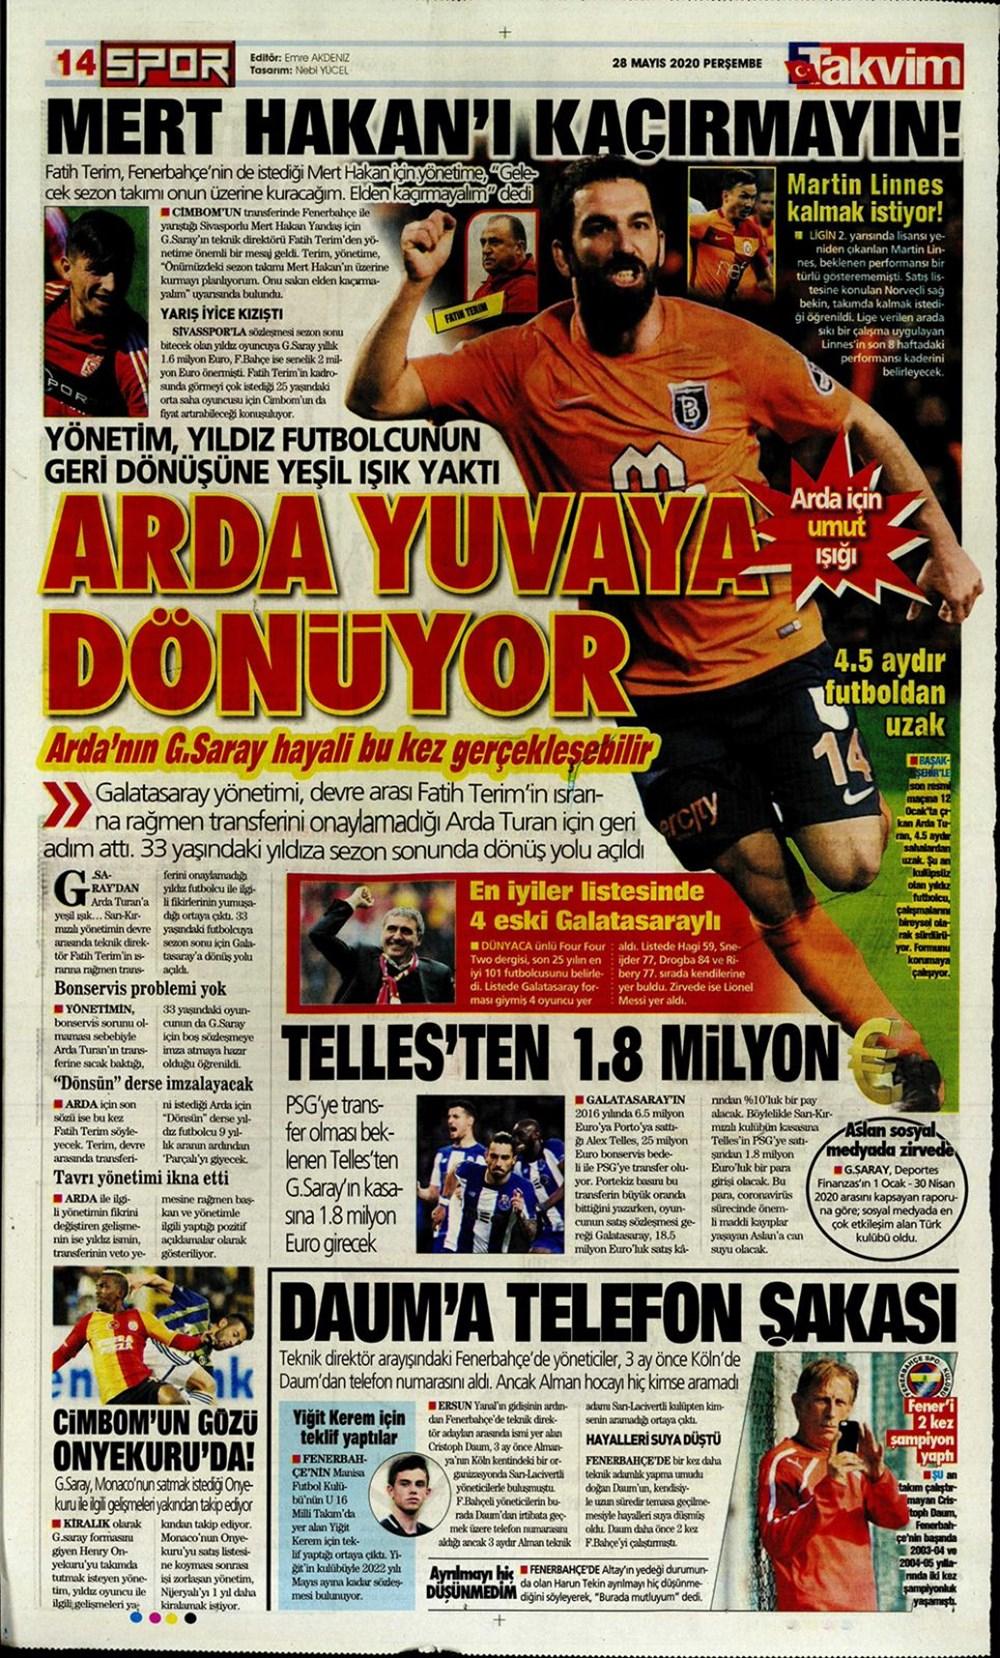 İşte 28 Mayıs günün spor manşetleri! Haftanın önemli spor gelişmeleri 1